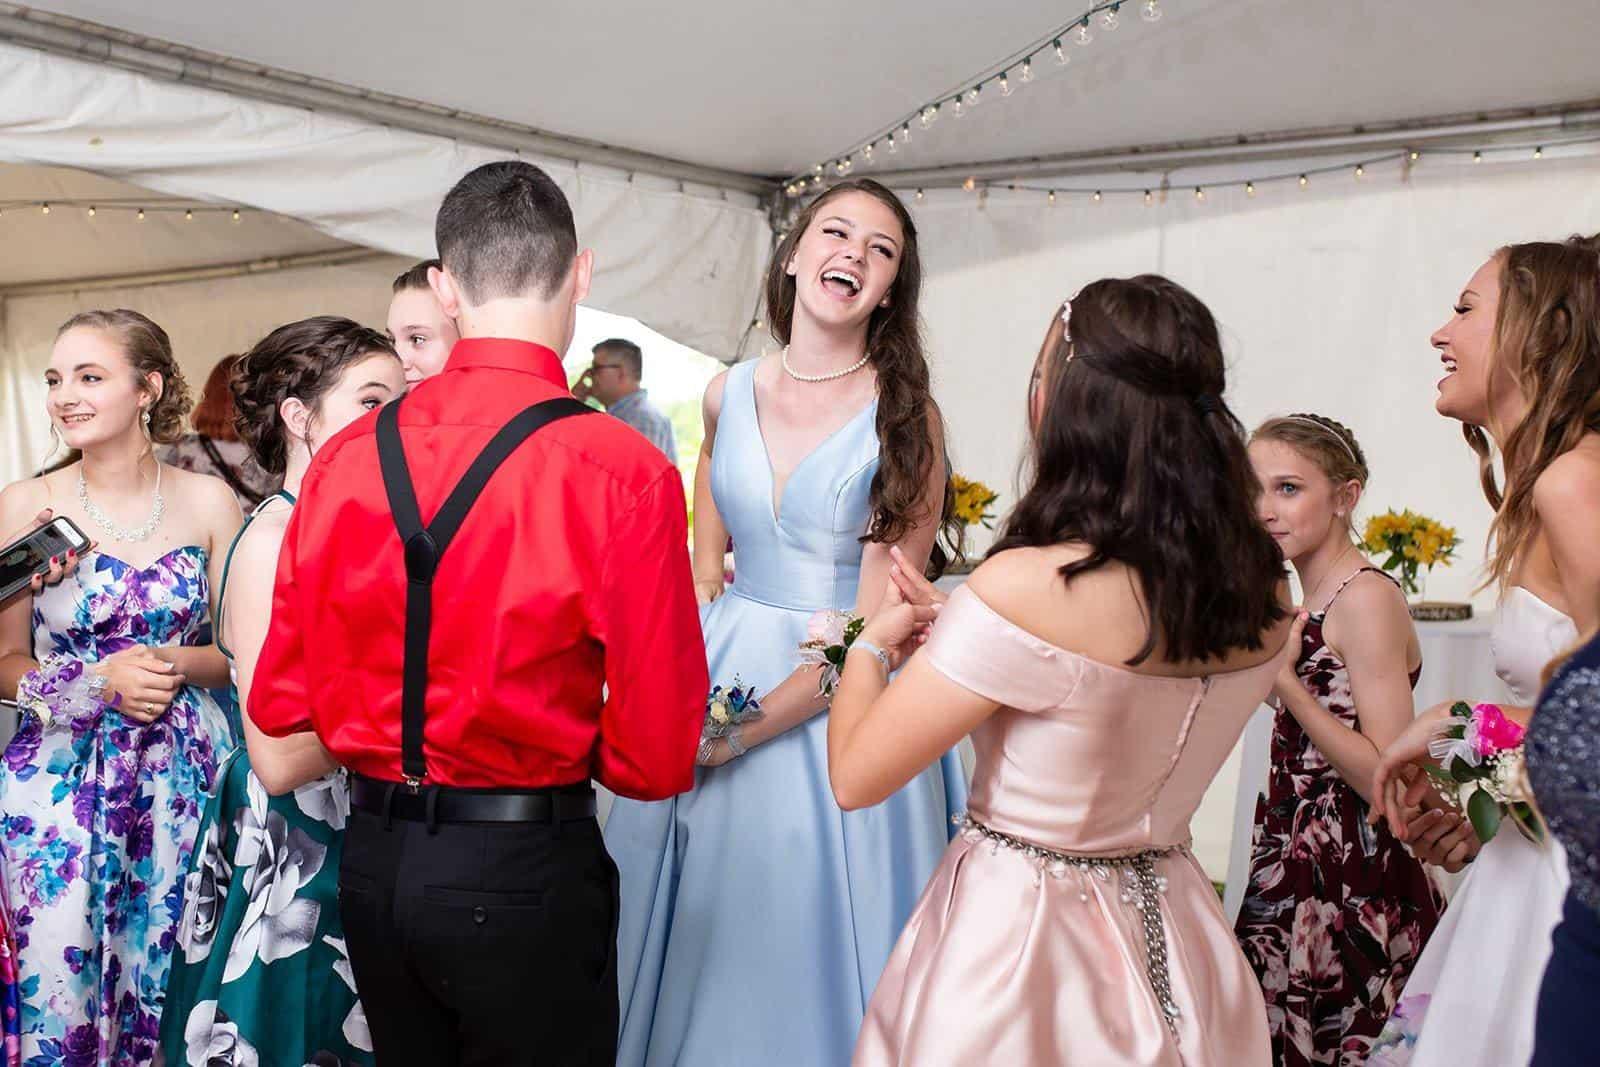 outdoor-prom-dance